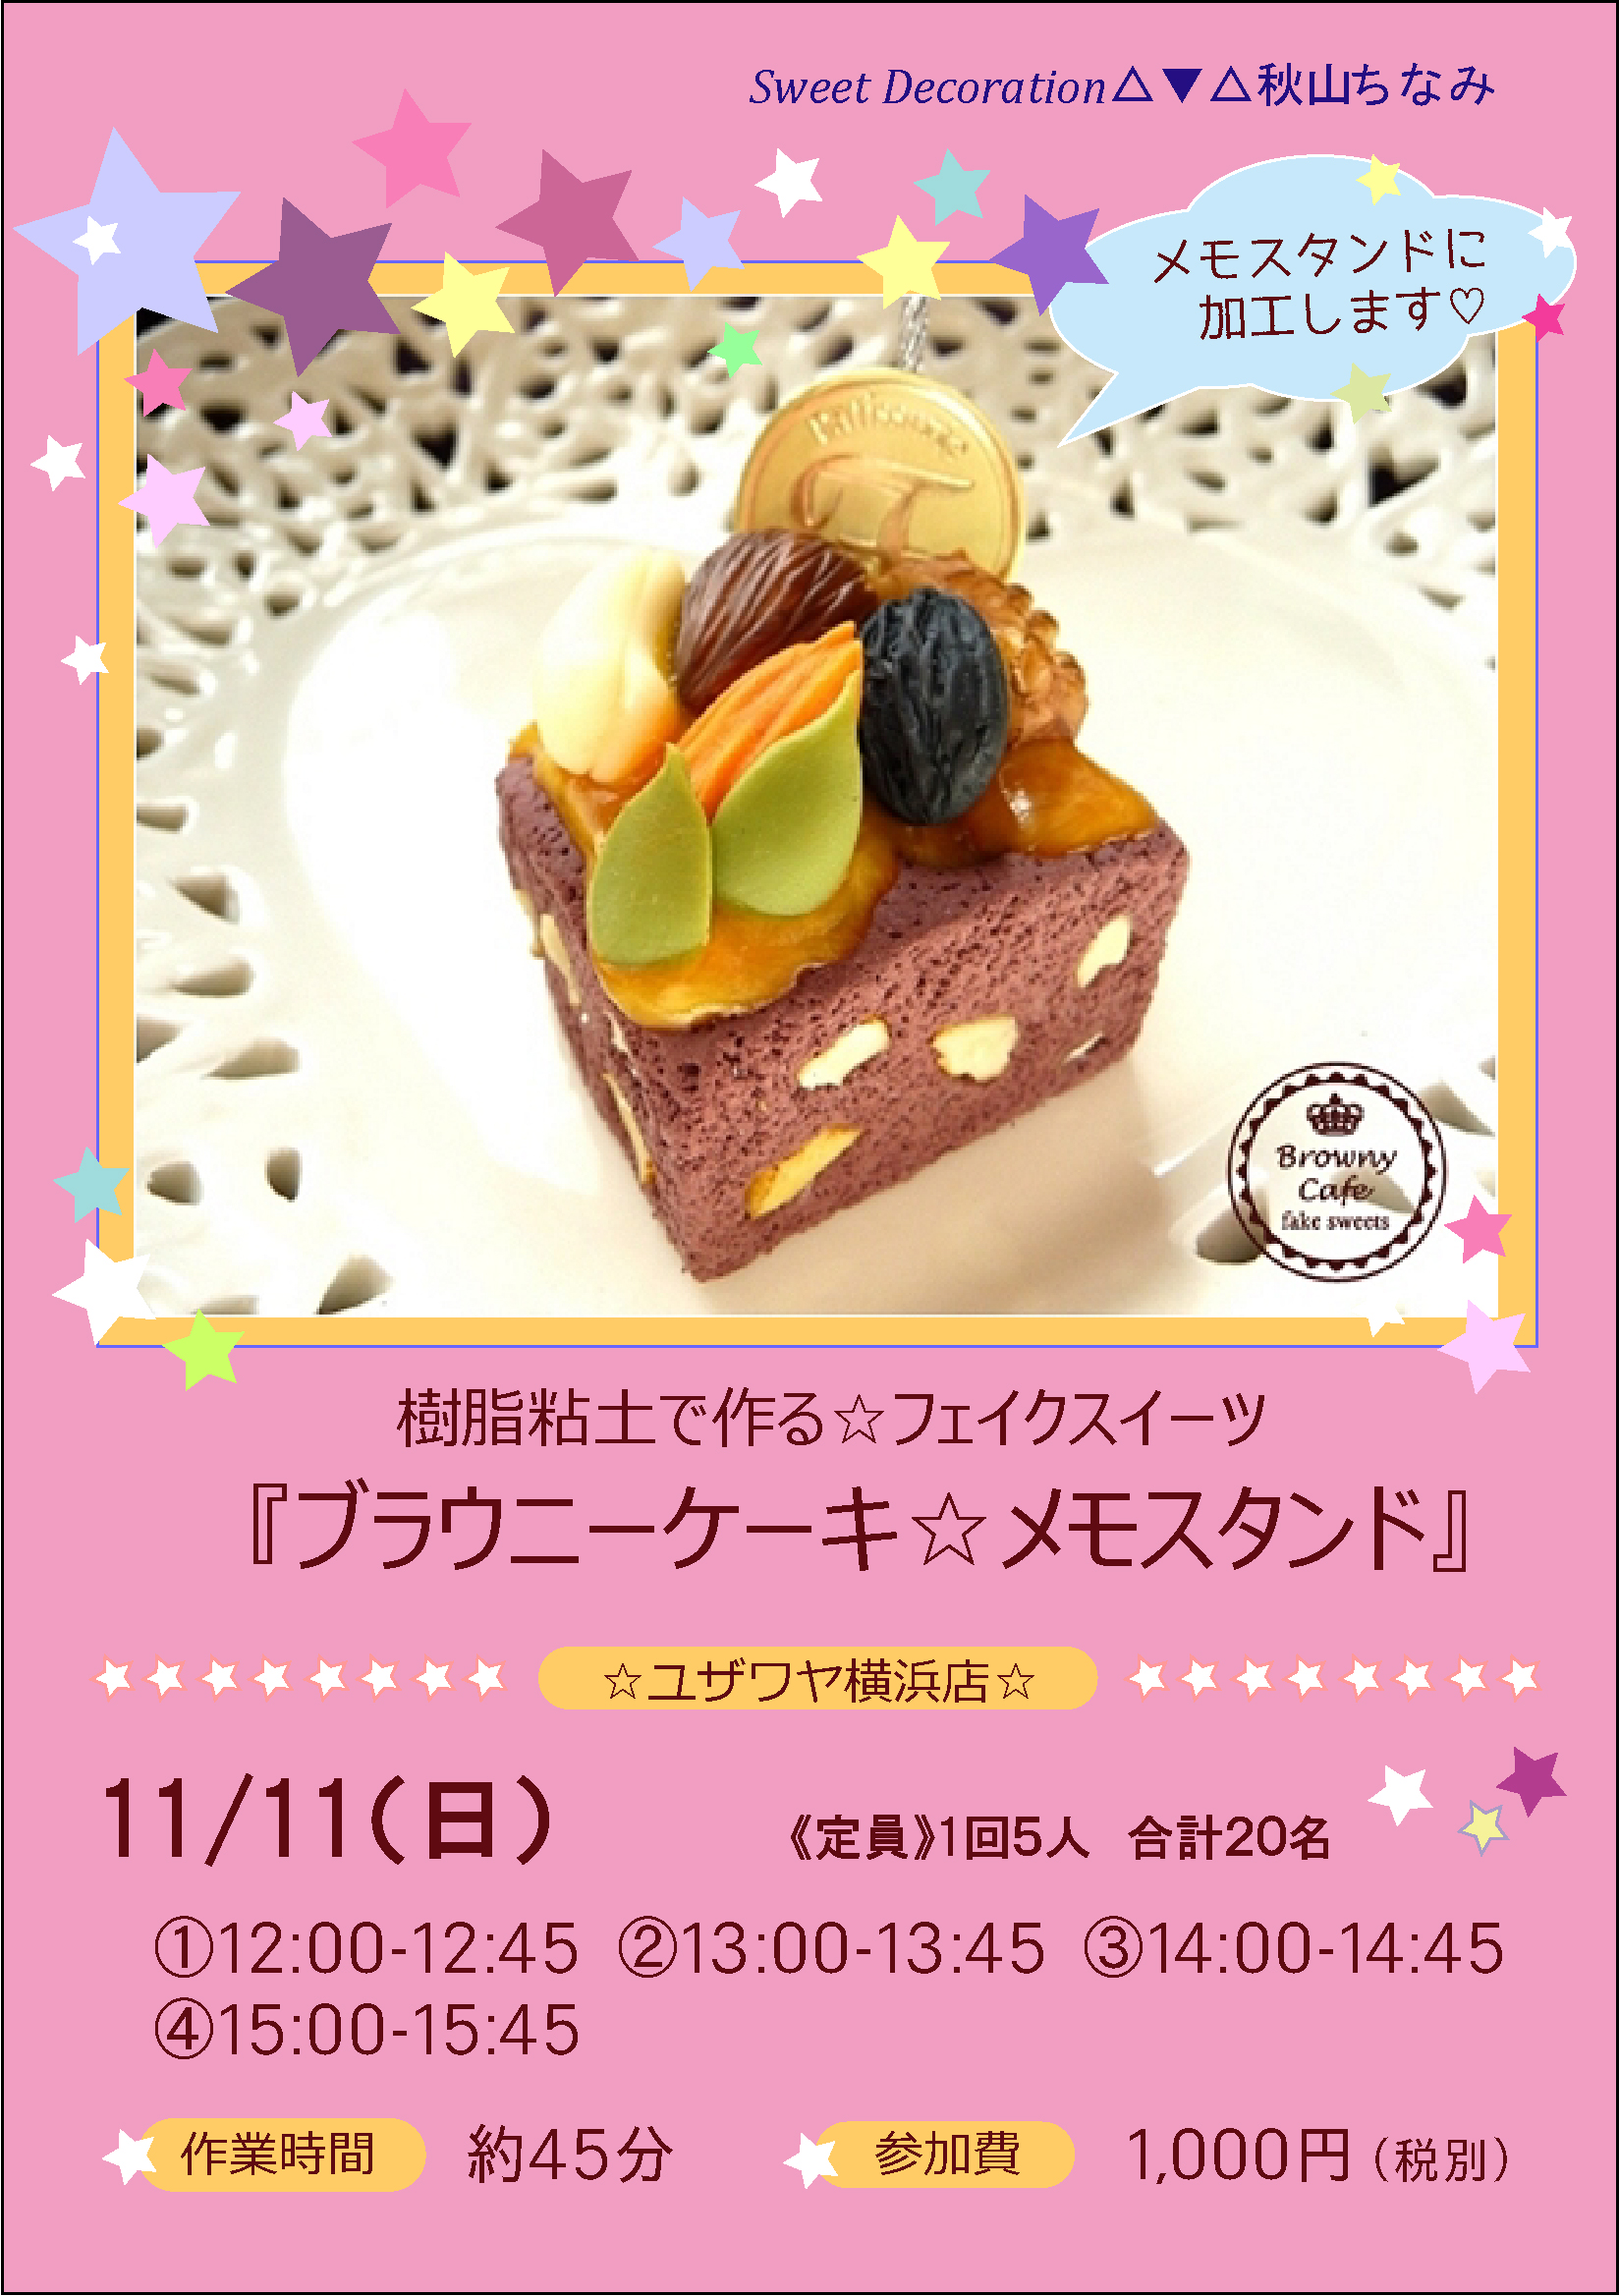 ★ユザワヤPOP【ブラウニーケーキ☆メモスタンド】2018_11_横浜